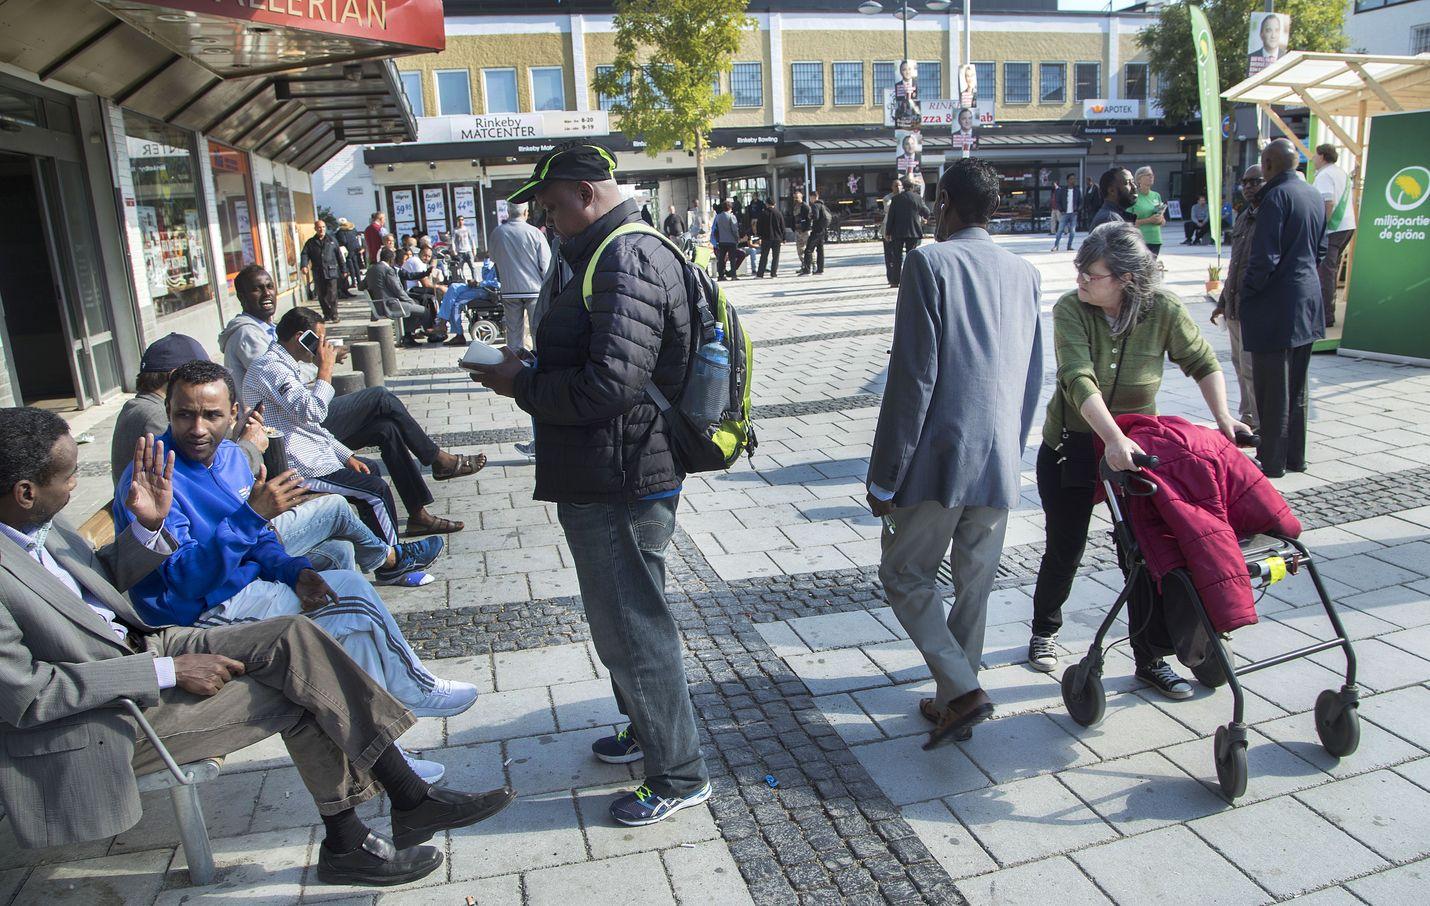 Ruotsissa järjestettiin valtiopäivävaalit noin neljä kuukautta sitten syyskuun alussa. Kuva Rinkebyn torilta vaalien alla.